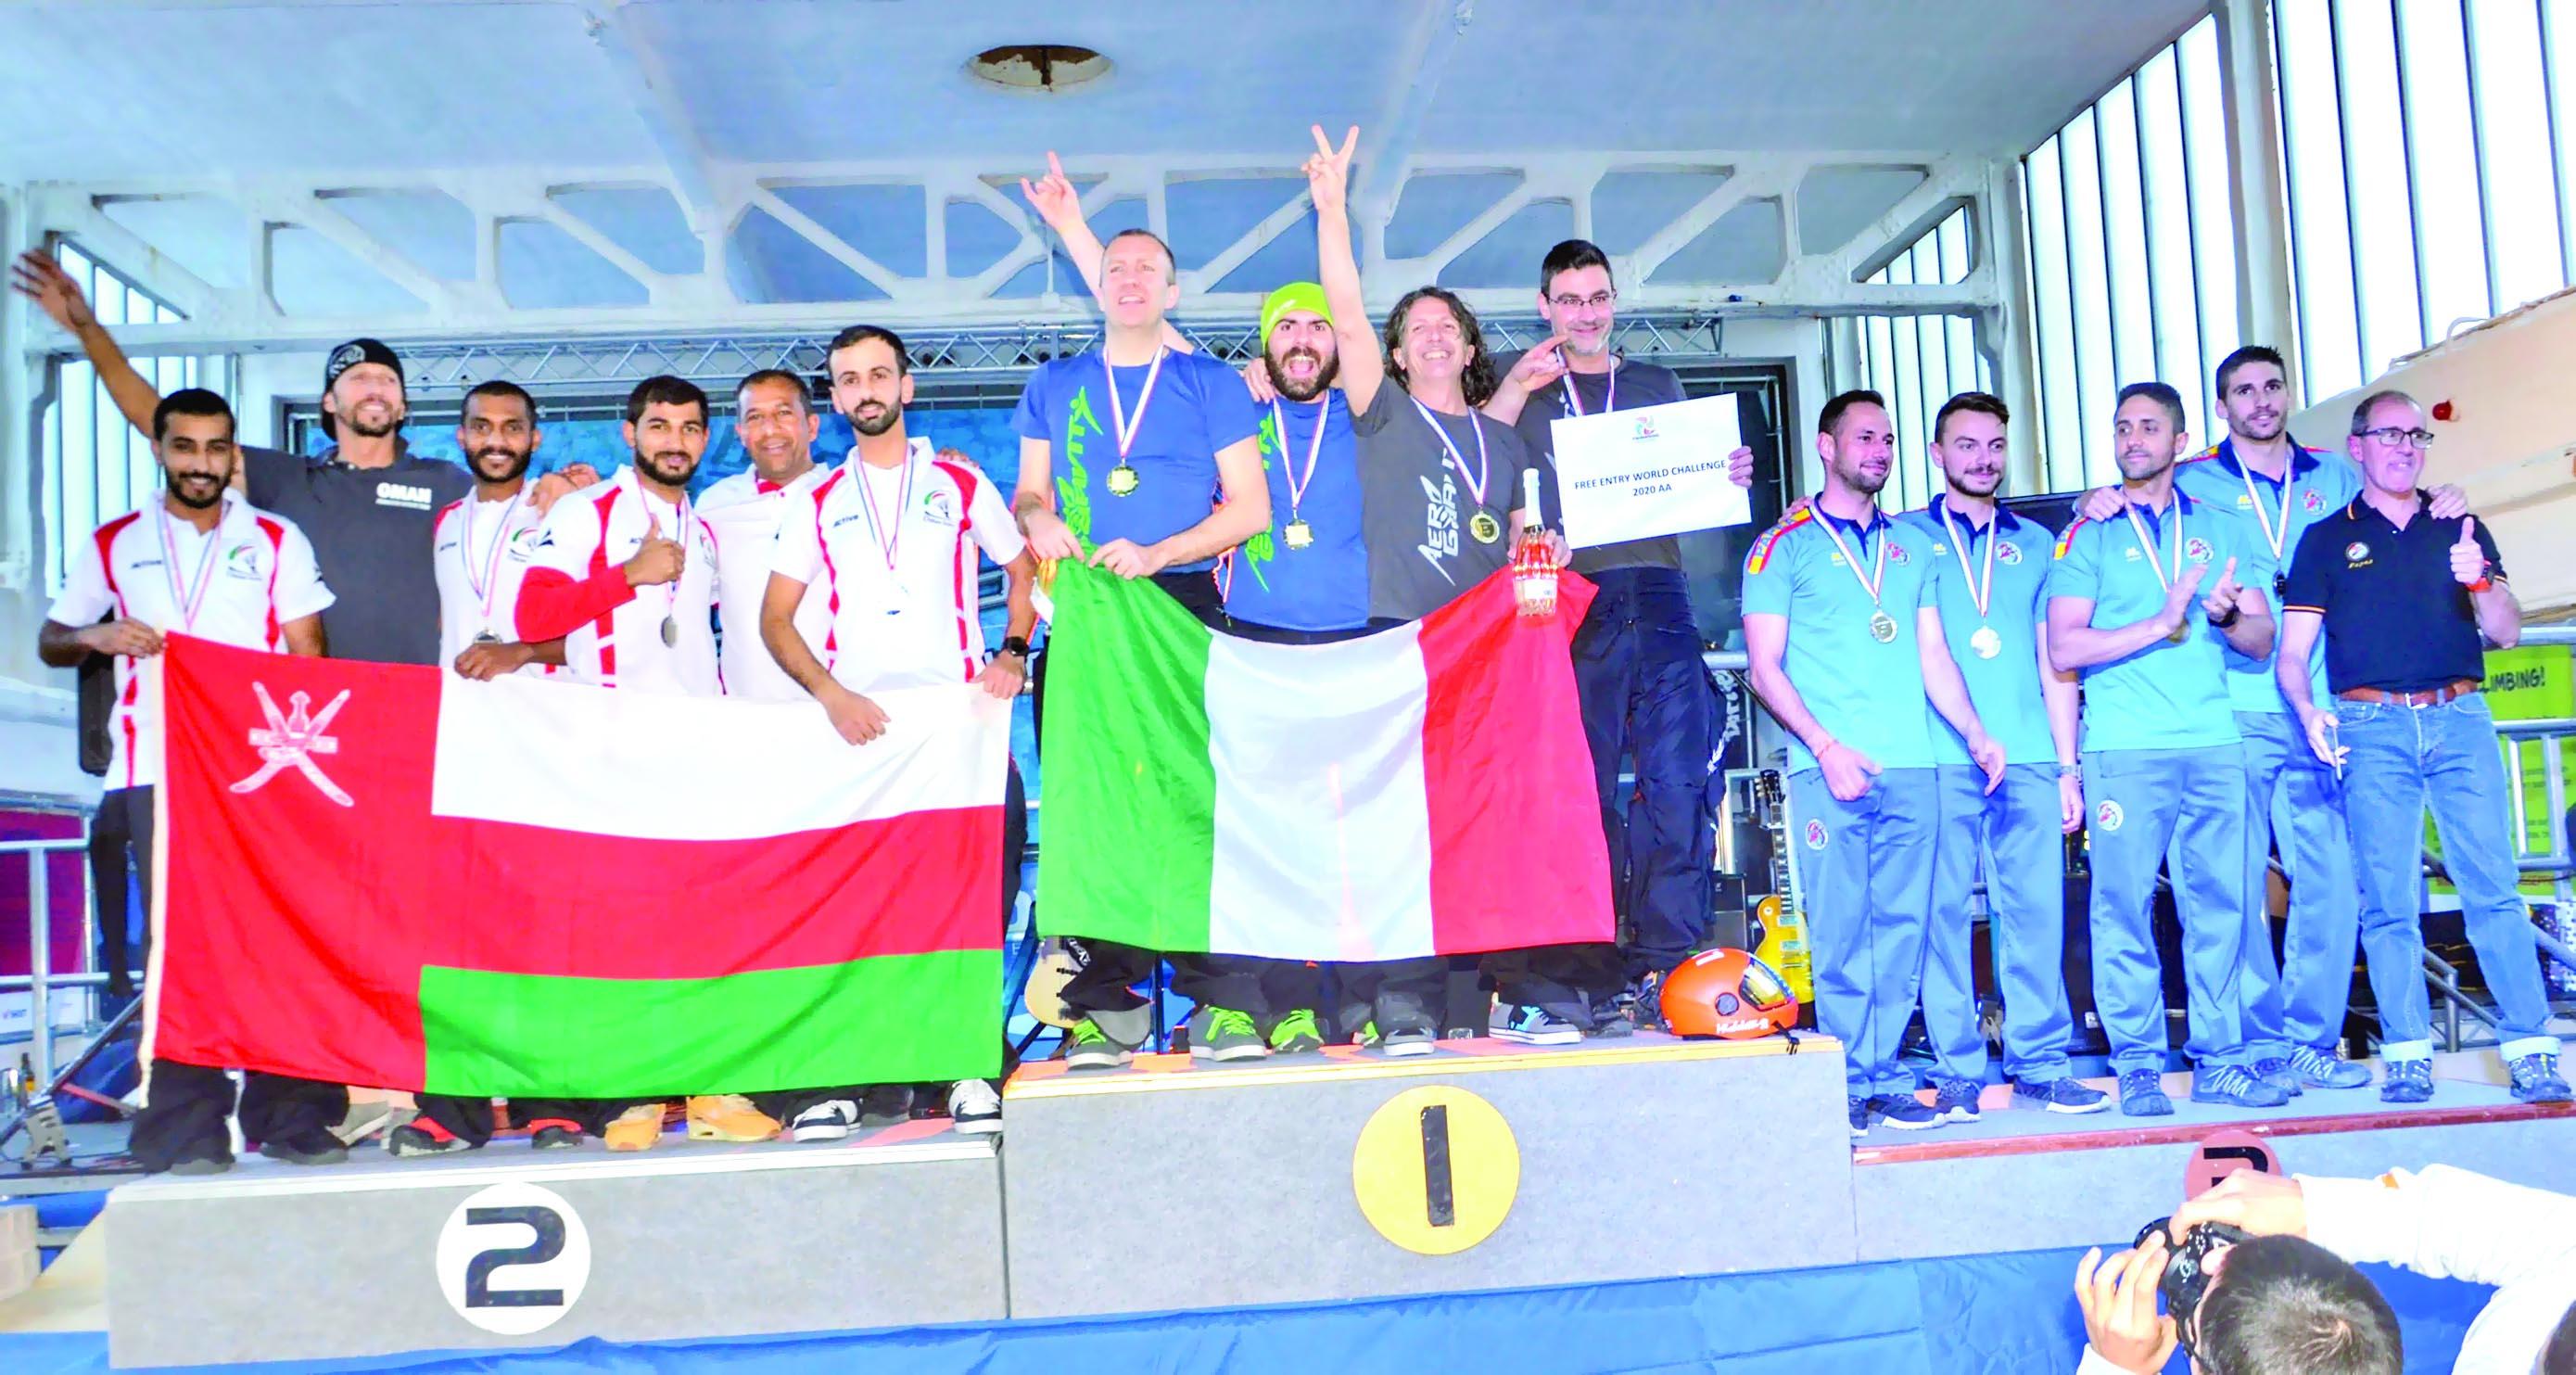 الفريق الوطني للقفز الحر يختتم مشاركته في بطولة (التحدي العالمي) للنفق الهوائي